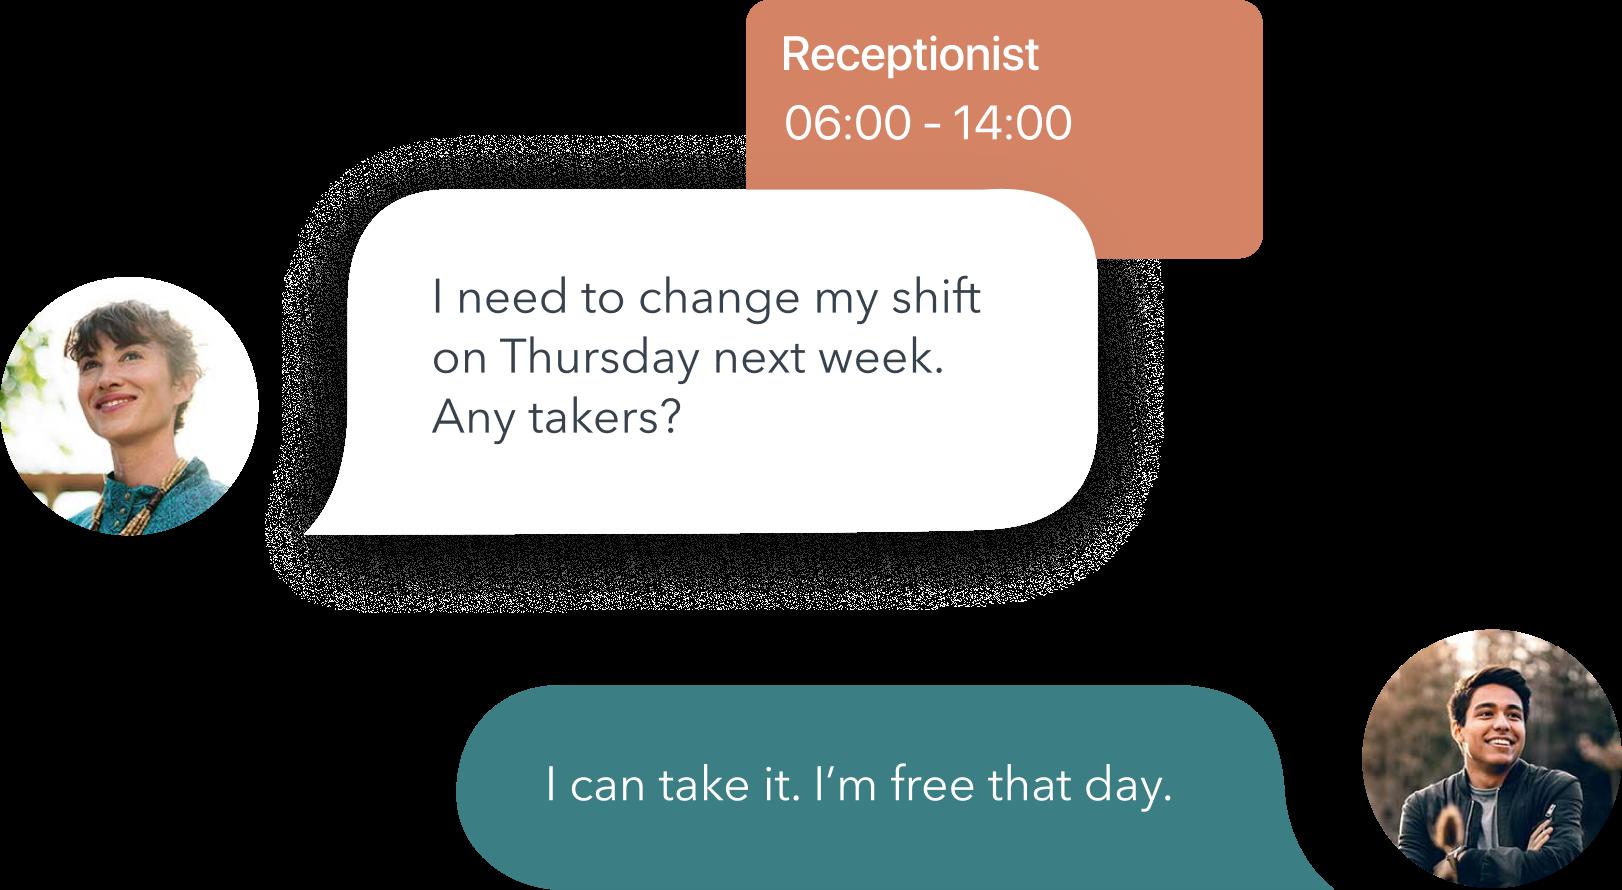 Hotel Staff Messaging final